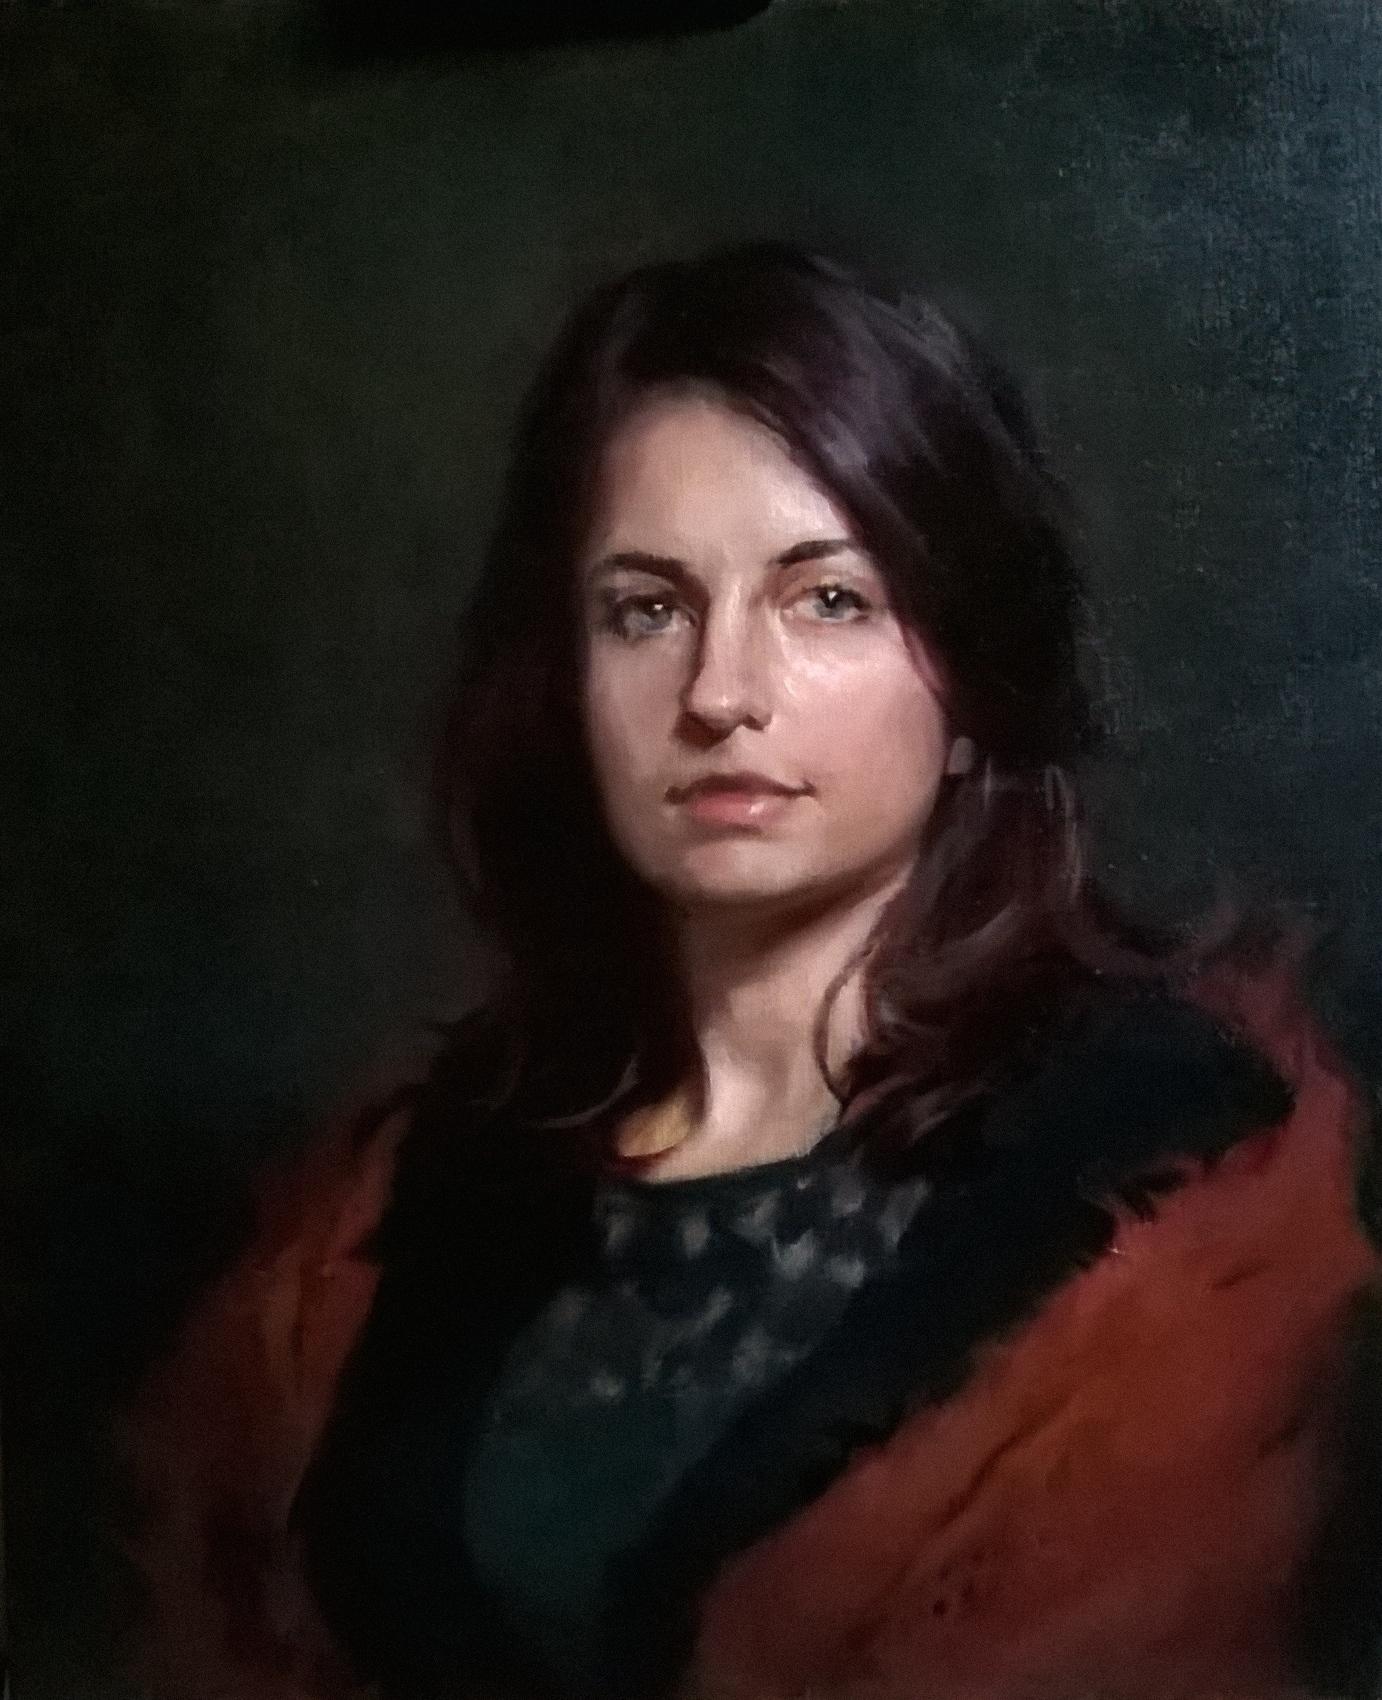 'Elisa' 60 cm x 50 cm Oil on linen